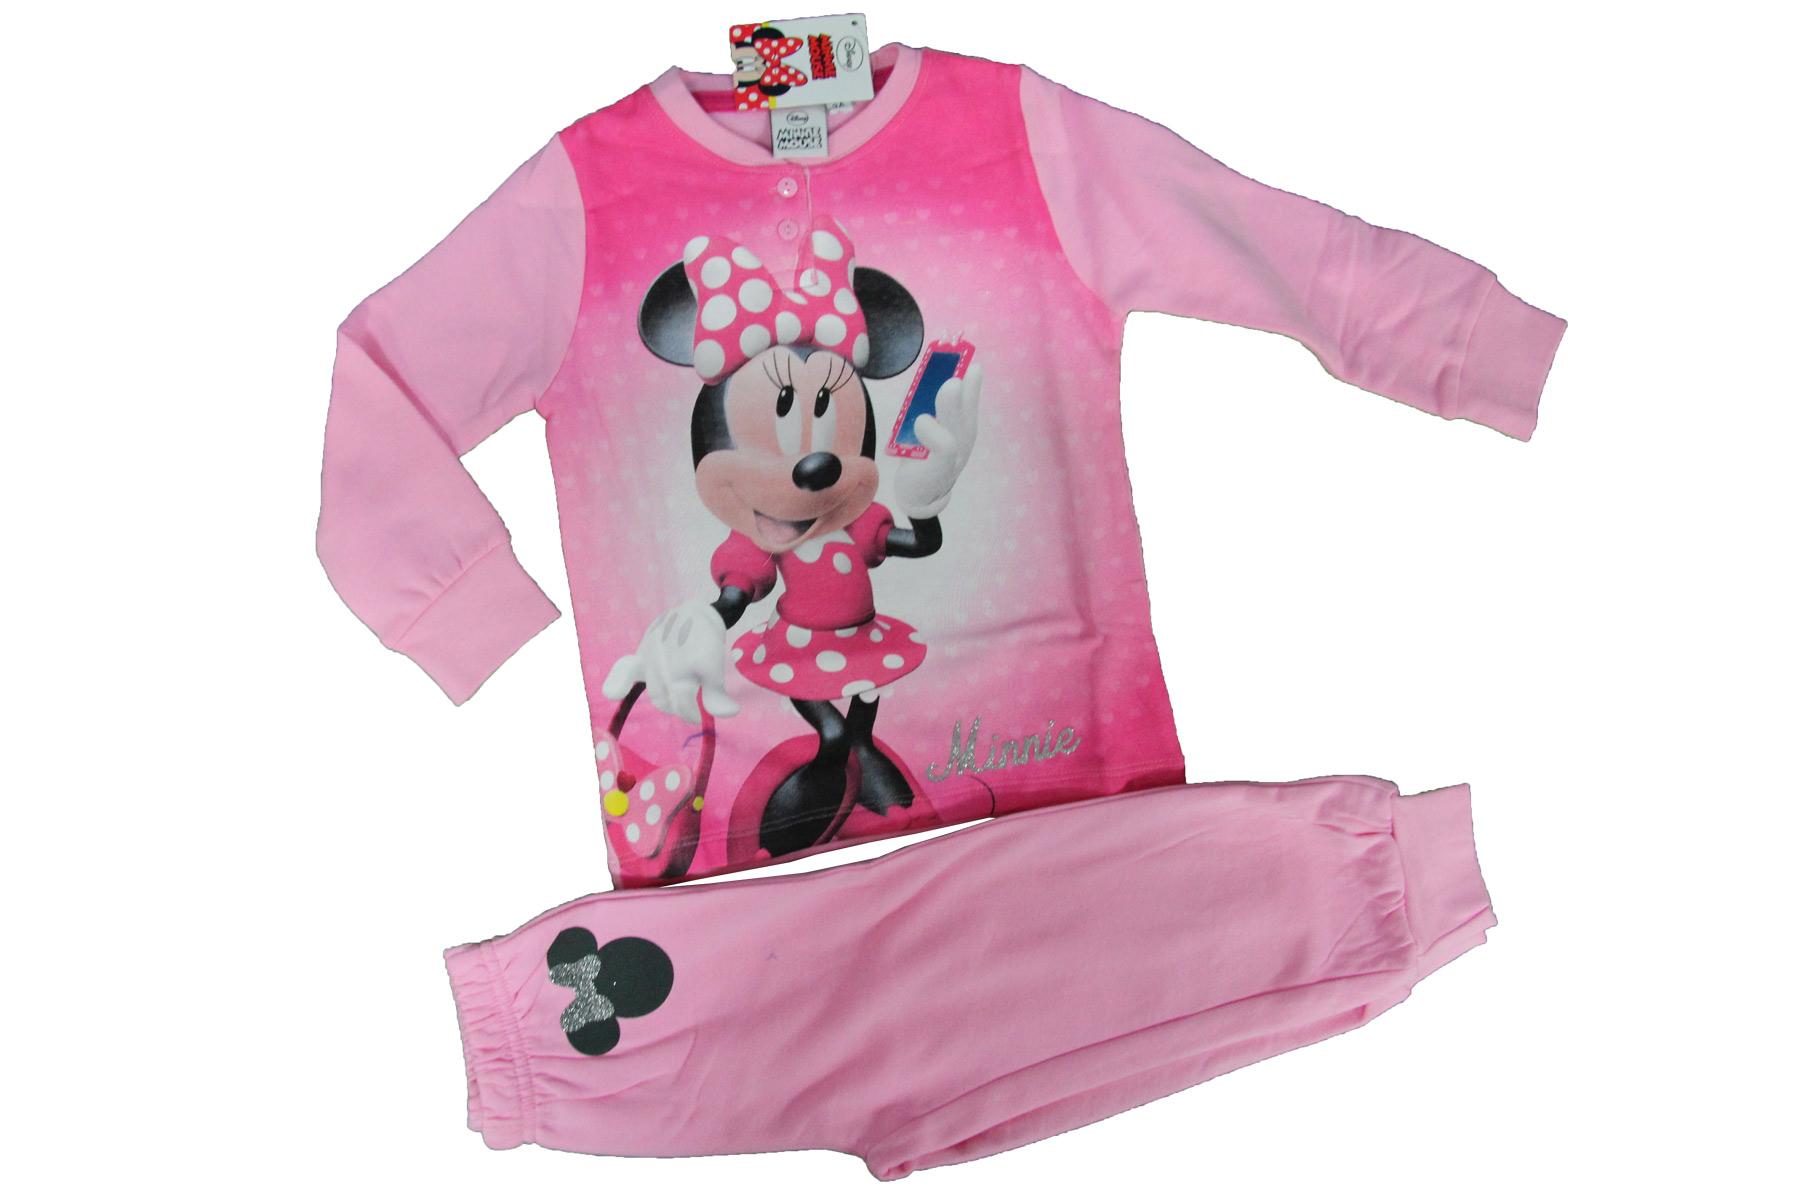 codice promozionale 54b44 44813 Dettagli su Pigiama Bimba Bambina DISNEY Minnie Mouse Originale FUXIA Rosa  Caldo Cotone